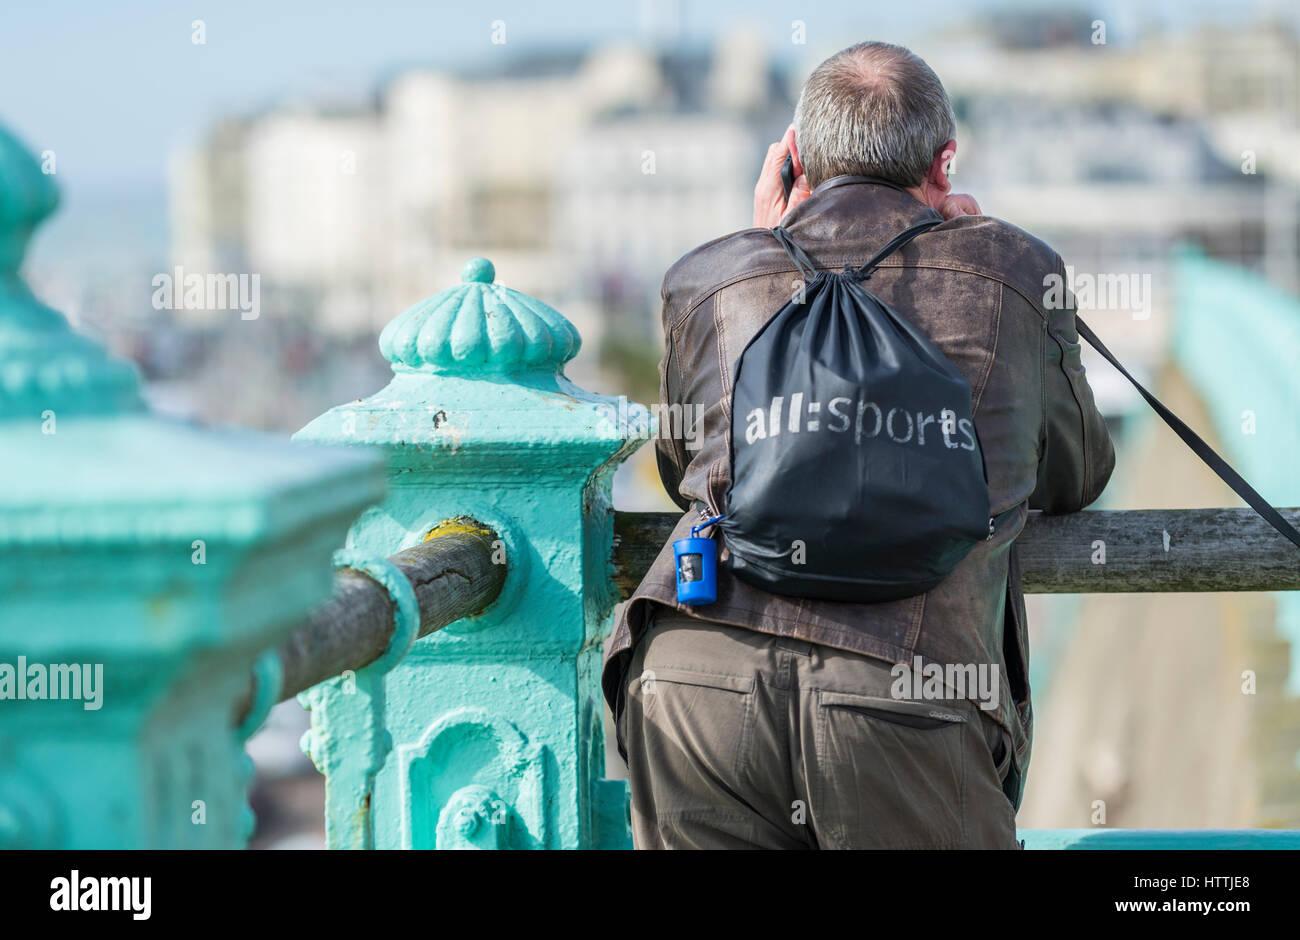 Uomo in piedi su ringhiere mentre si parla sul suo telefono cellulare. Immagini Stock